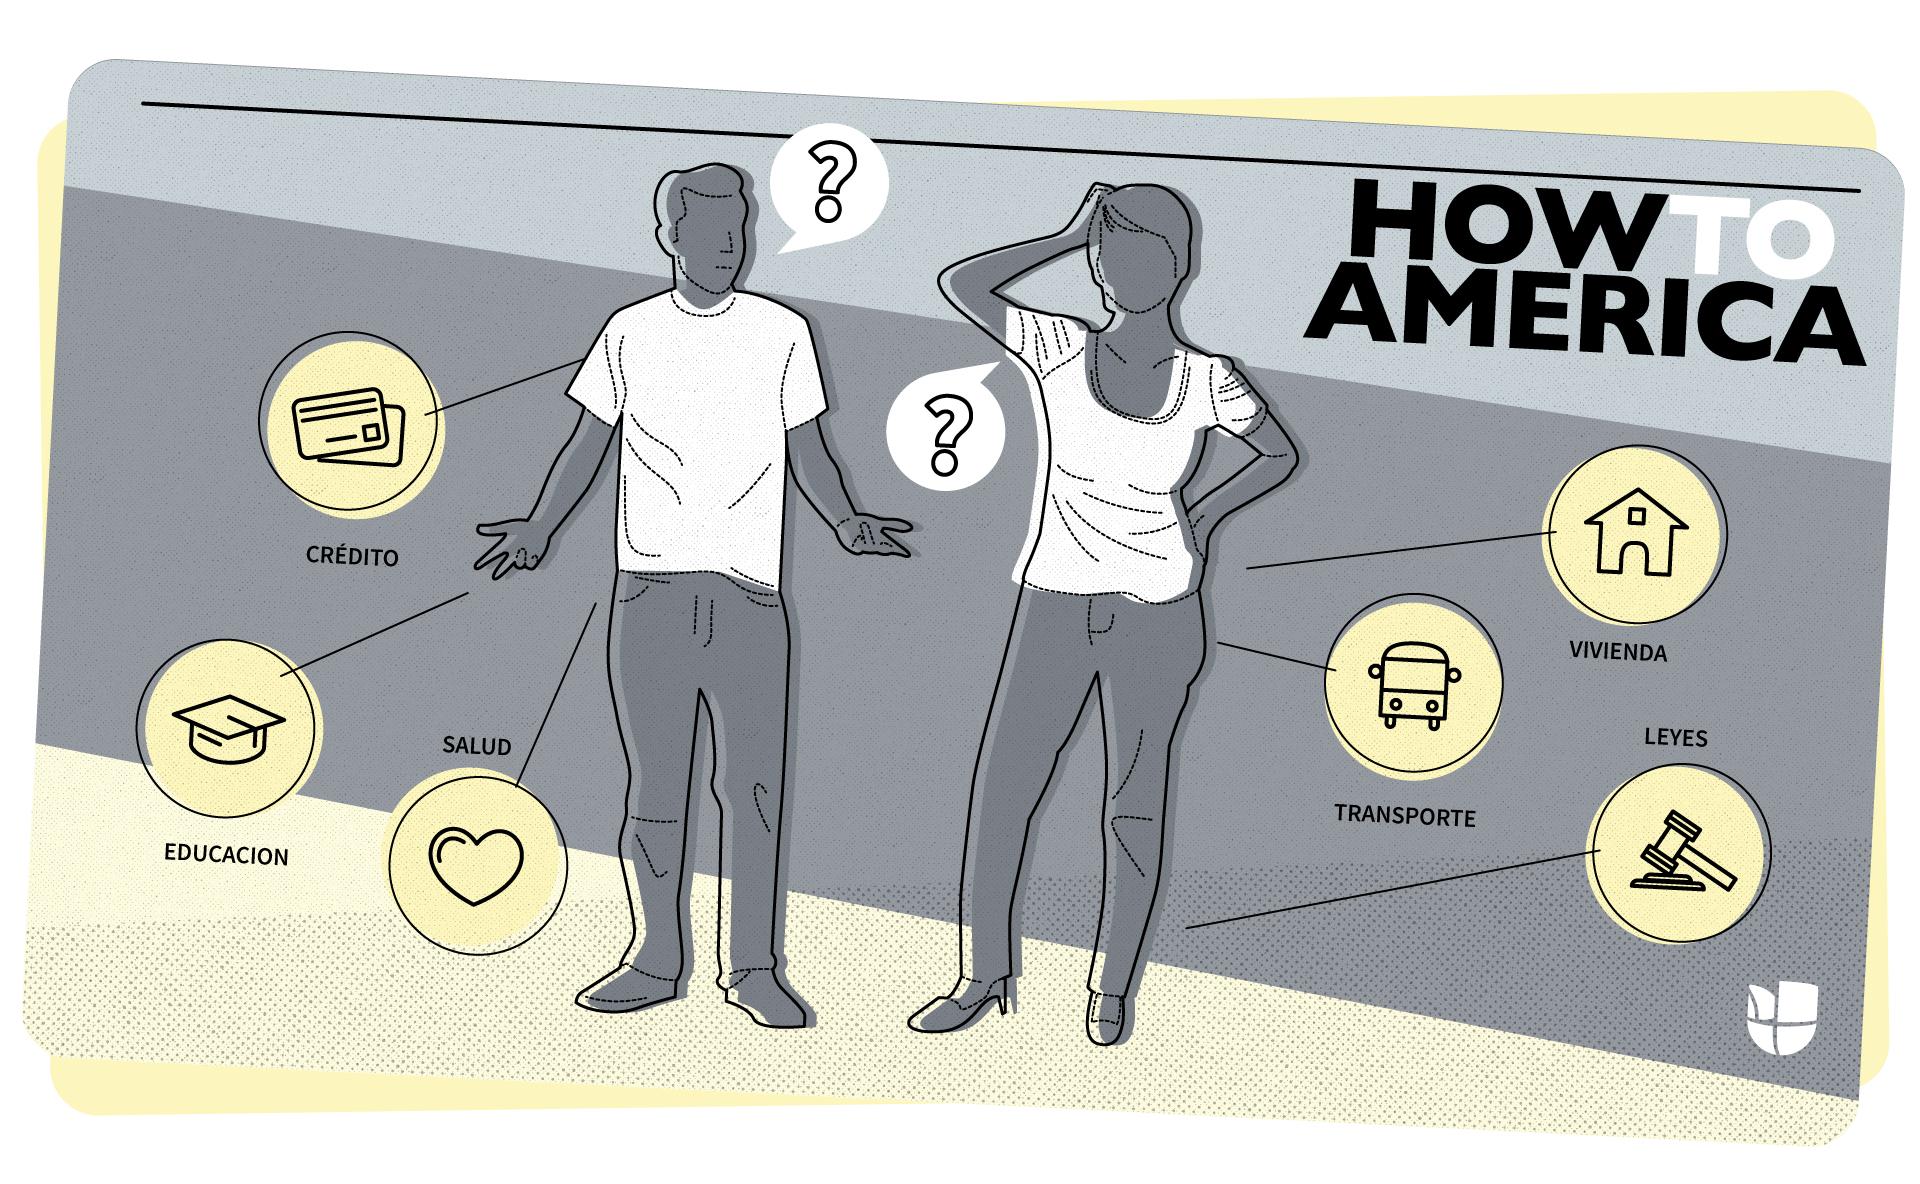 How to América: un proyecto de servicio a la comunidad para entender ...